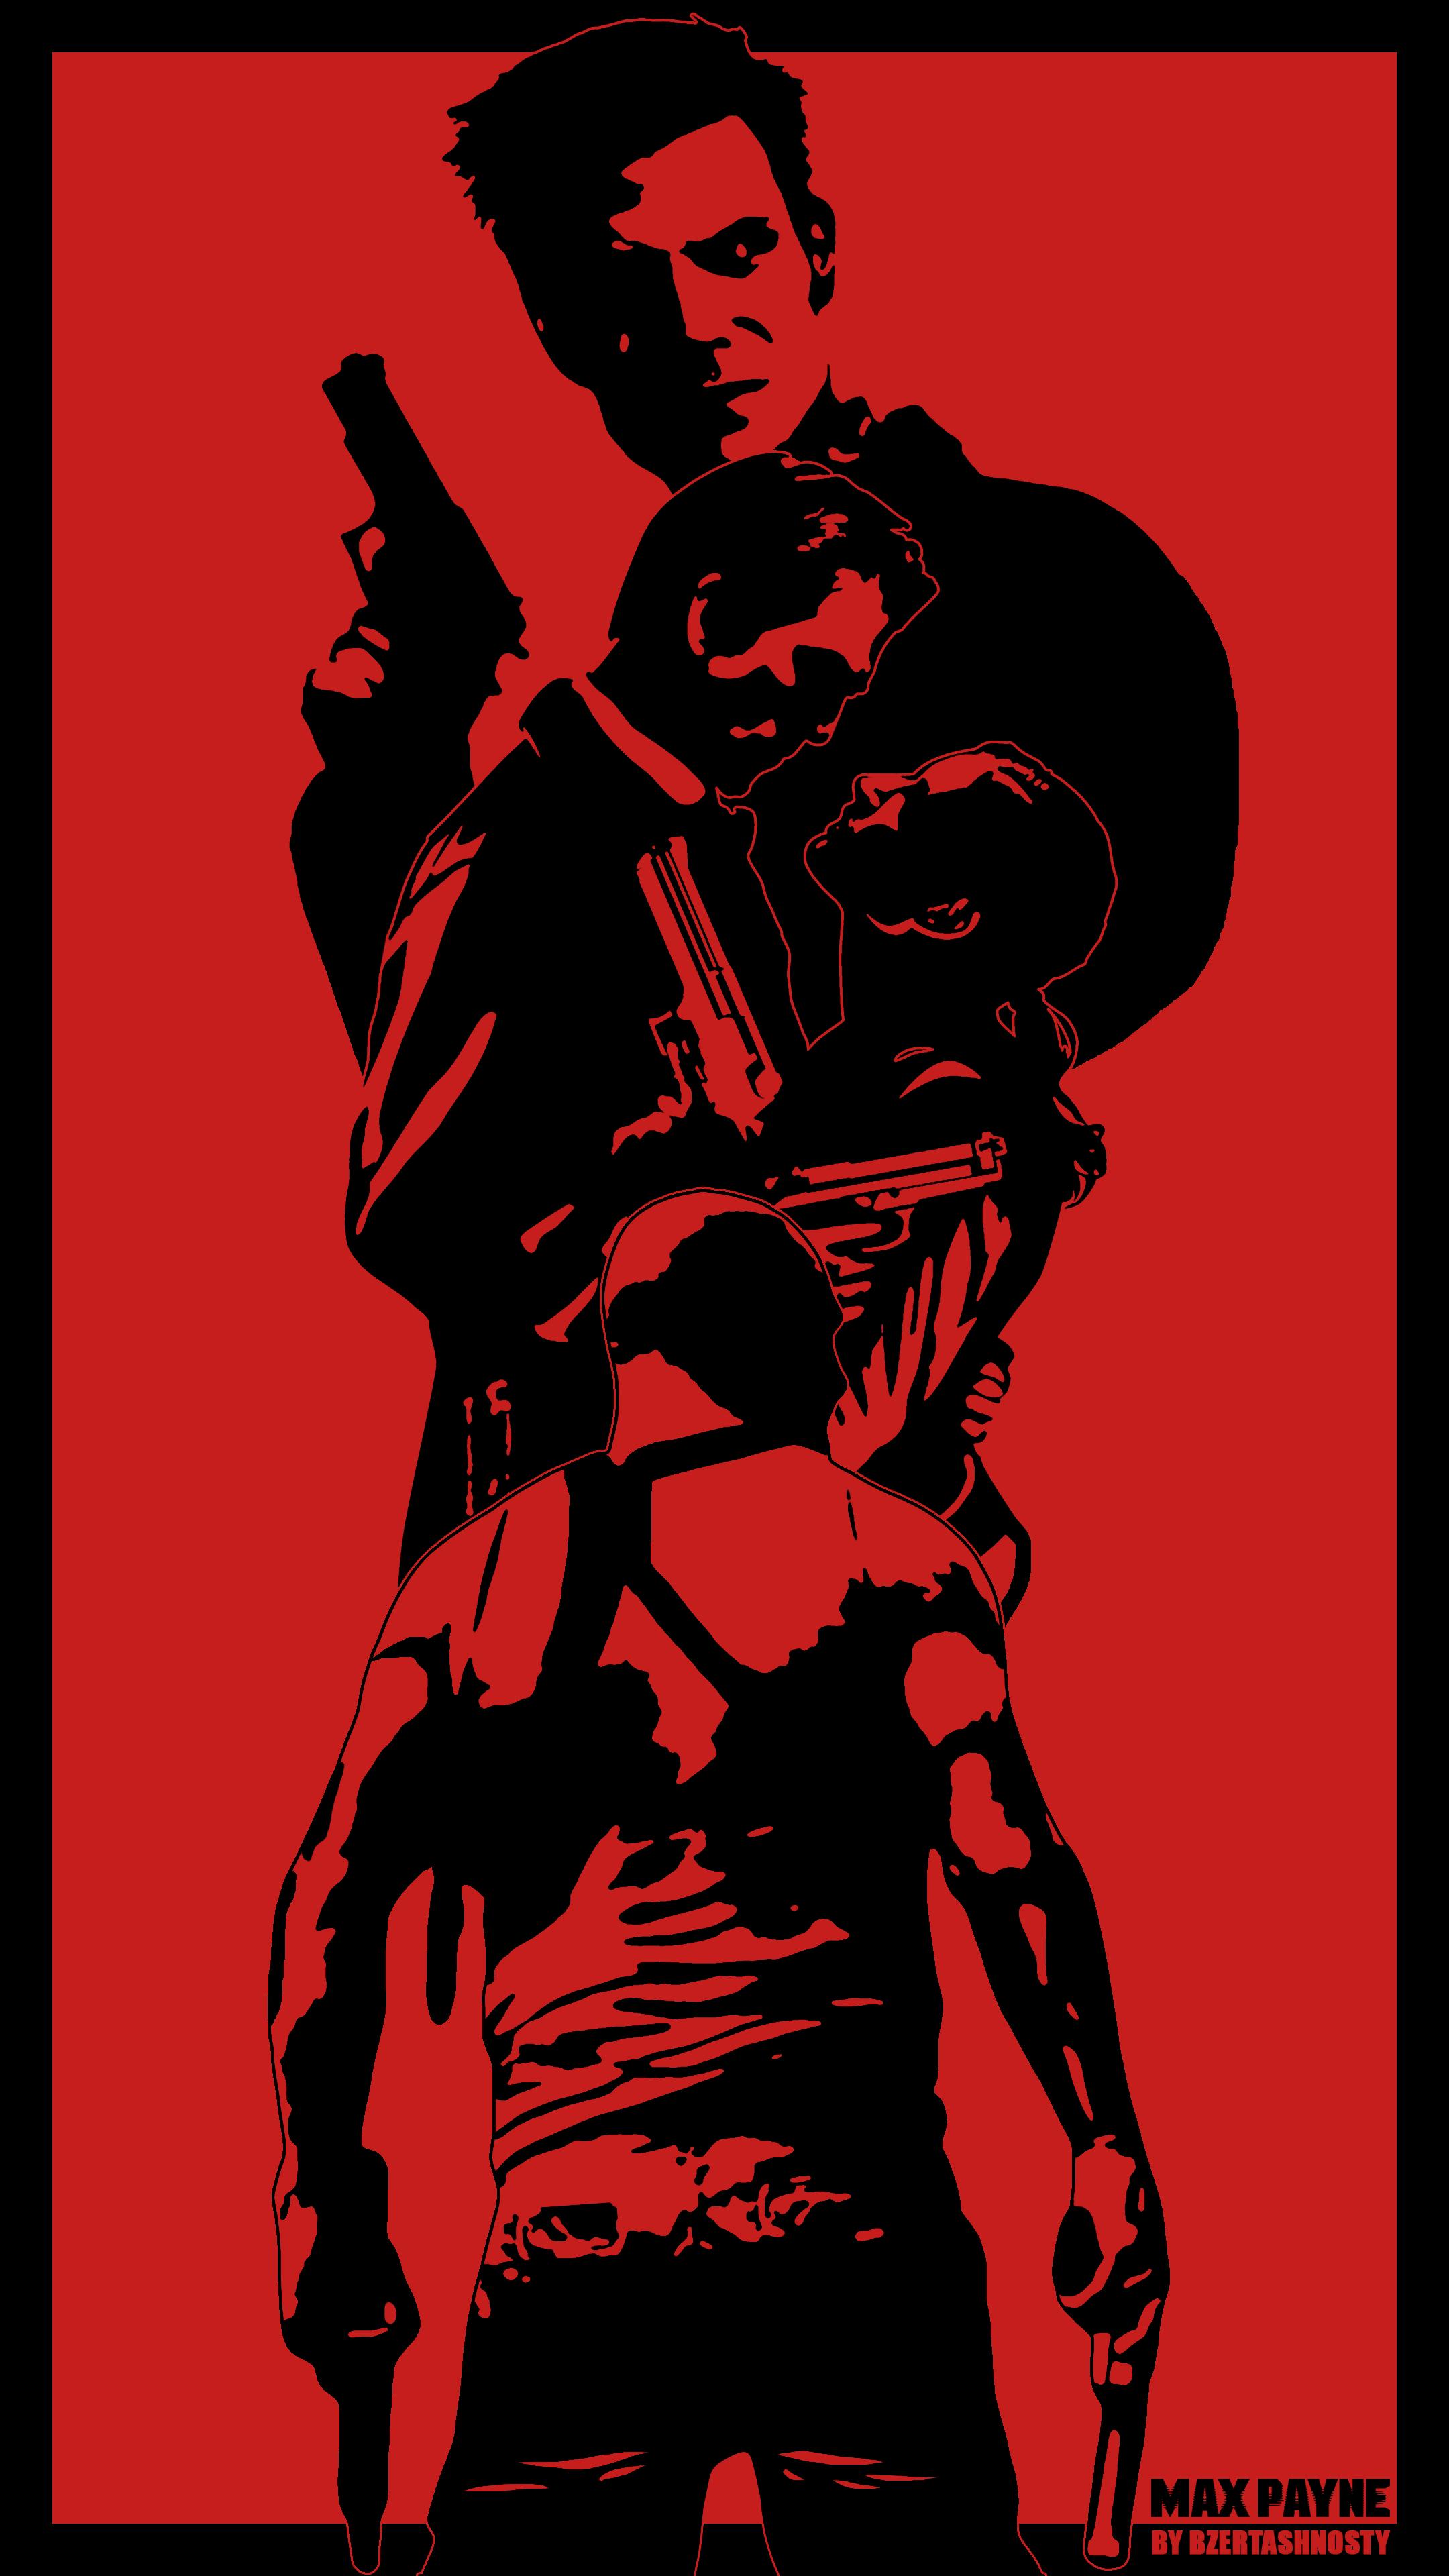 Max Payne Poster By Bzertashnosty On Deviantart Max Payne Punisher Max Max Payne 3